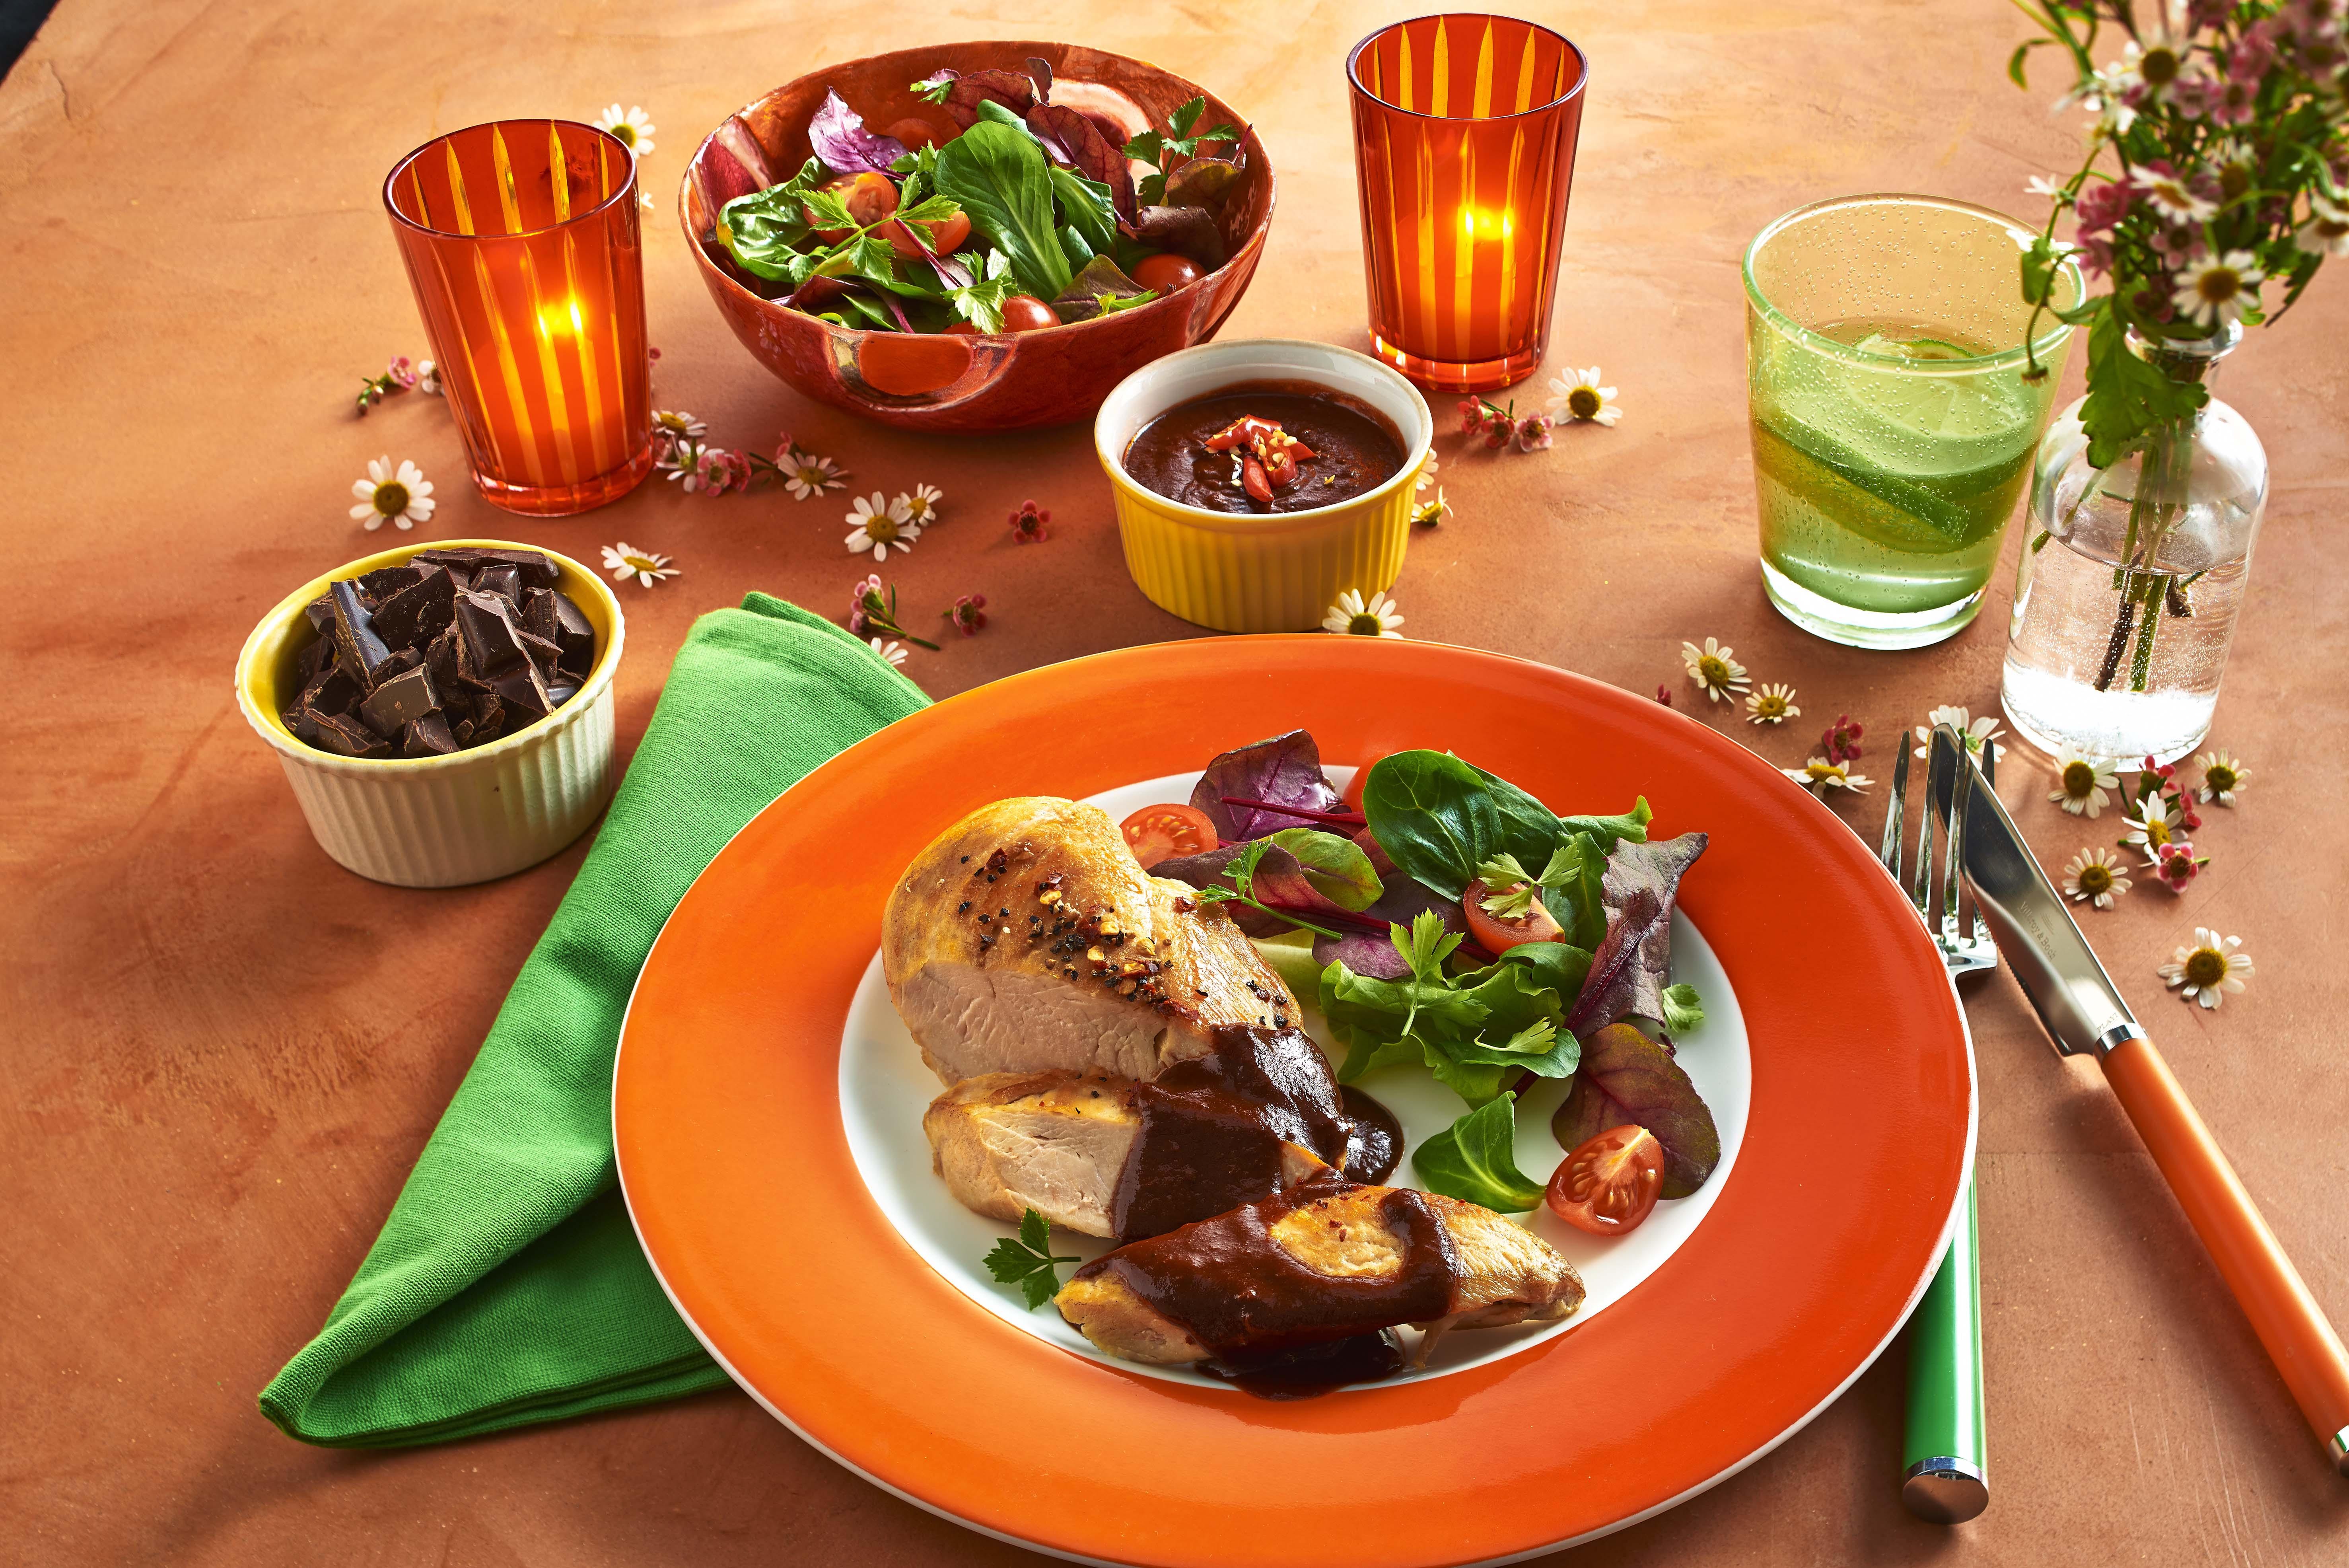 Das Pollo con Mole Rezept (Hühnchen mit pikanter Schokosauce)